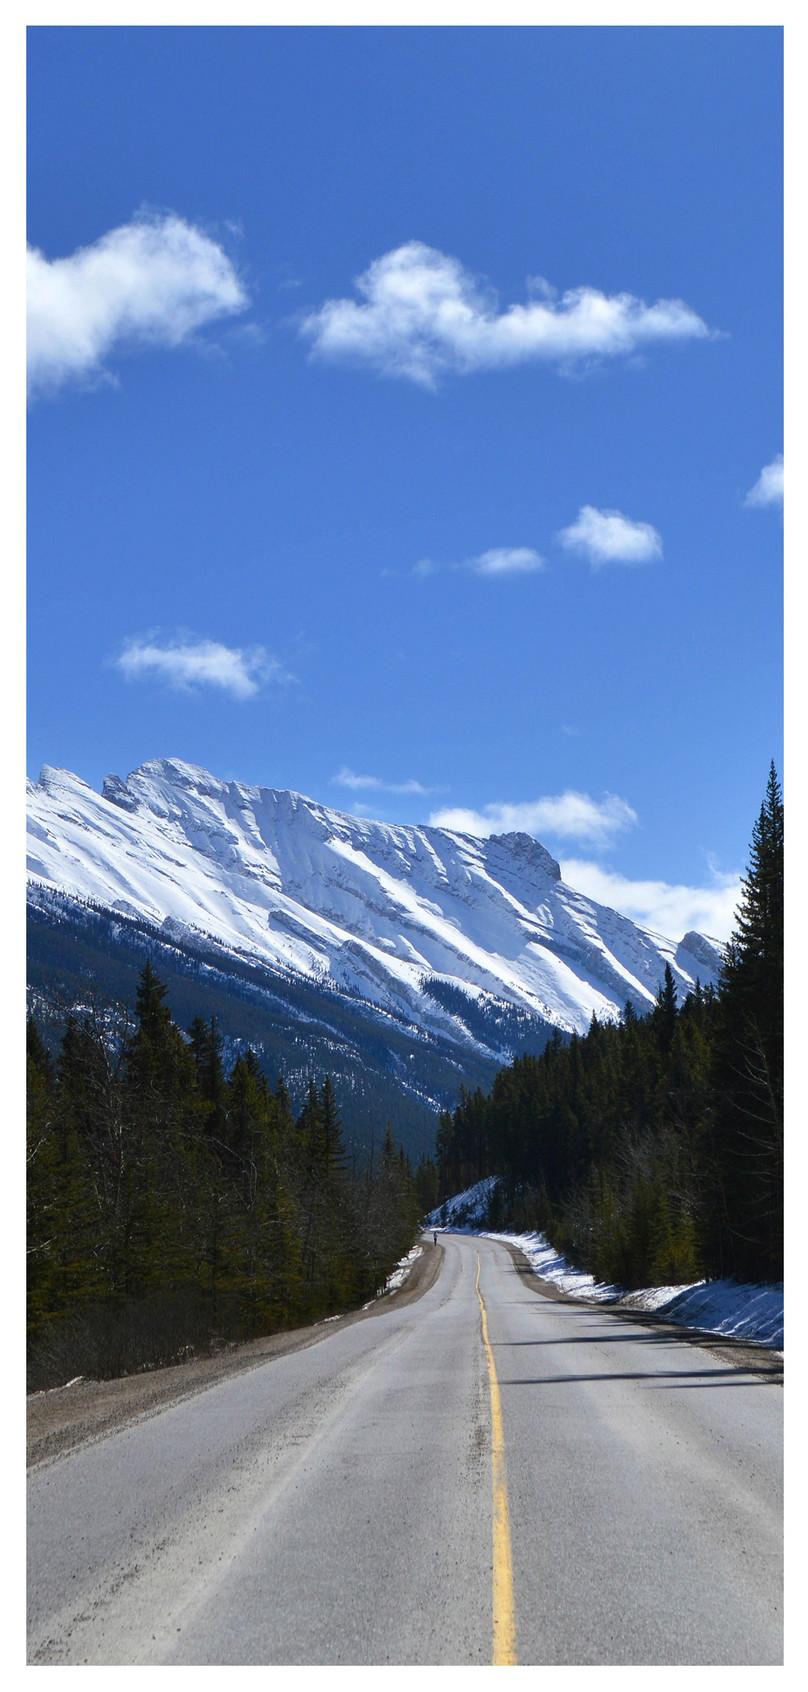 Sfondo Di Banff Park Snow View Per Cellulare Immagine Gratissfondi